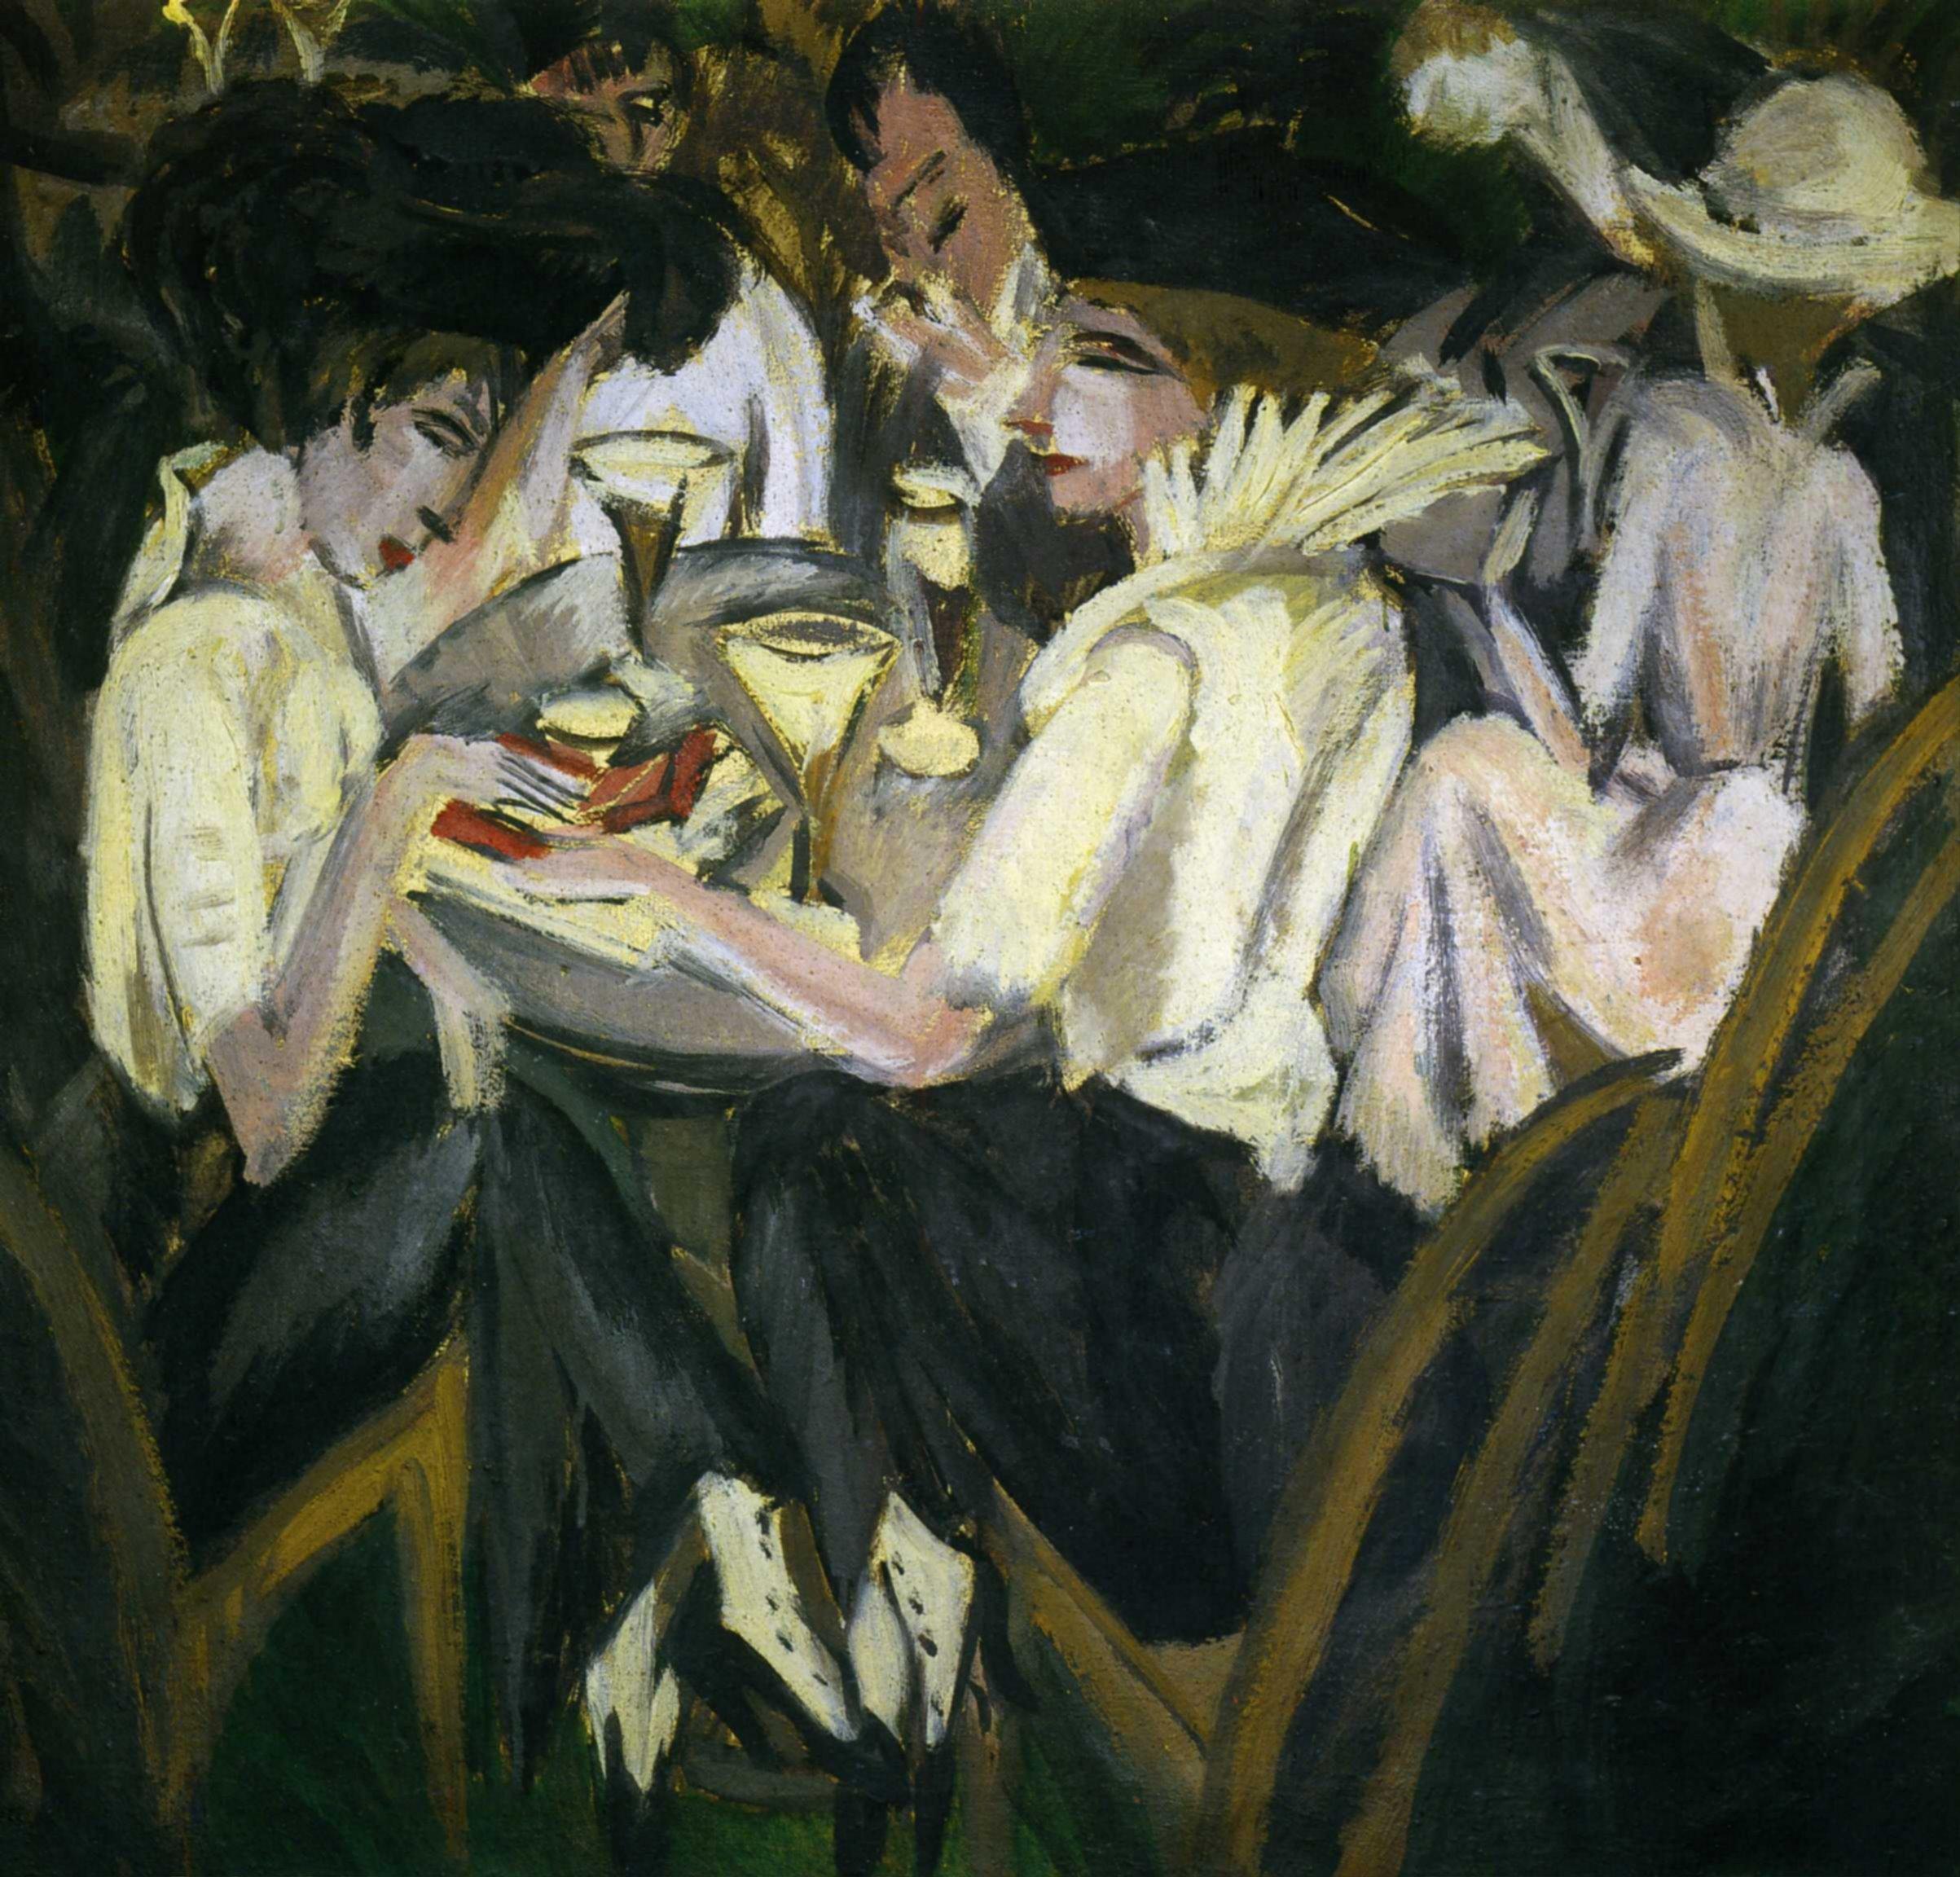 Эрнст Людвиг Кирхнер (1880 — 1938) — немецкий художник, график и скульптор, представитель экспрессионизма. 1914.«Дамы в кафе. На террасе»